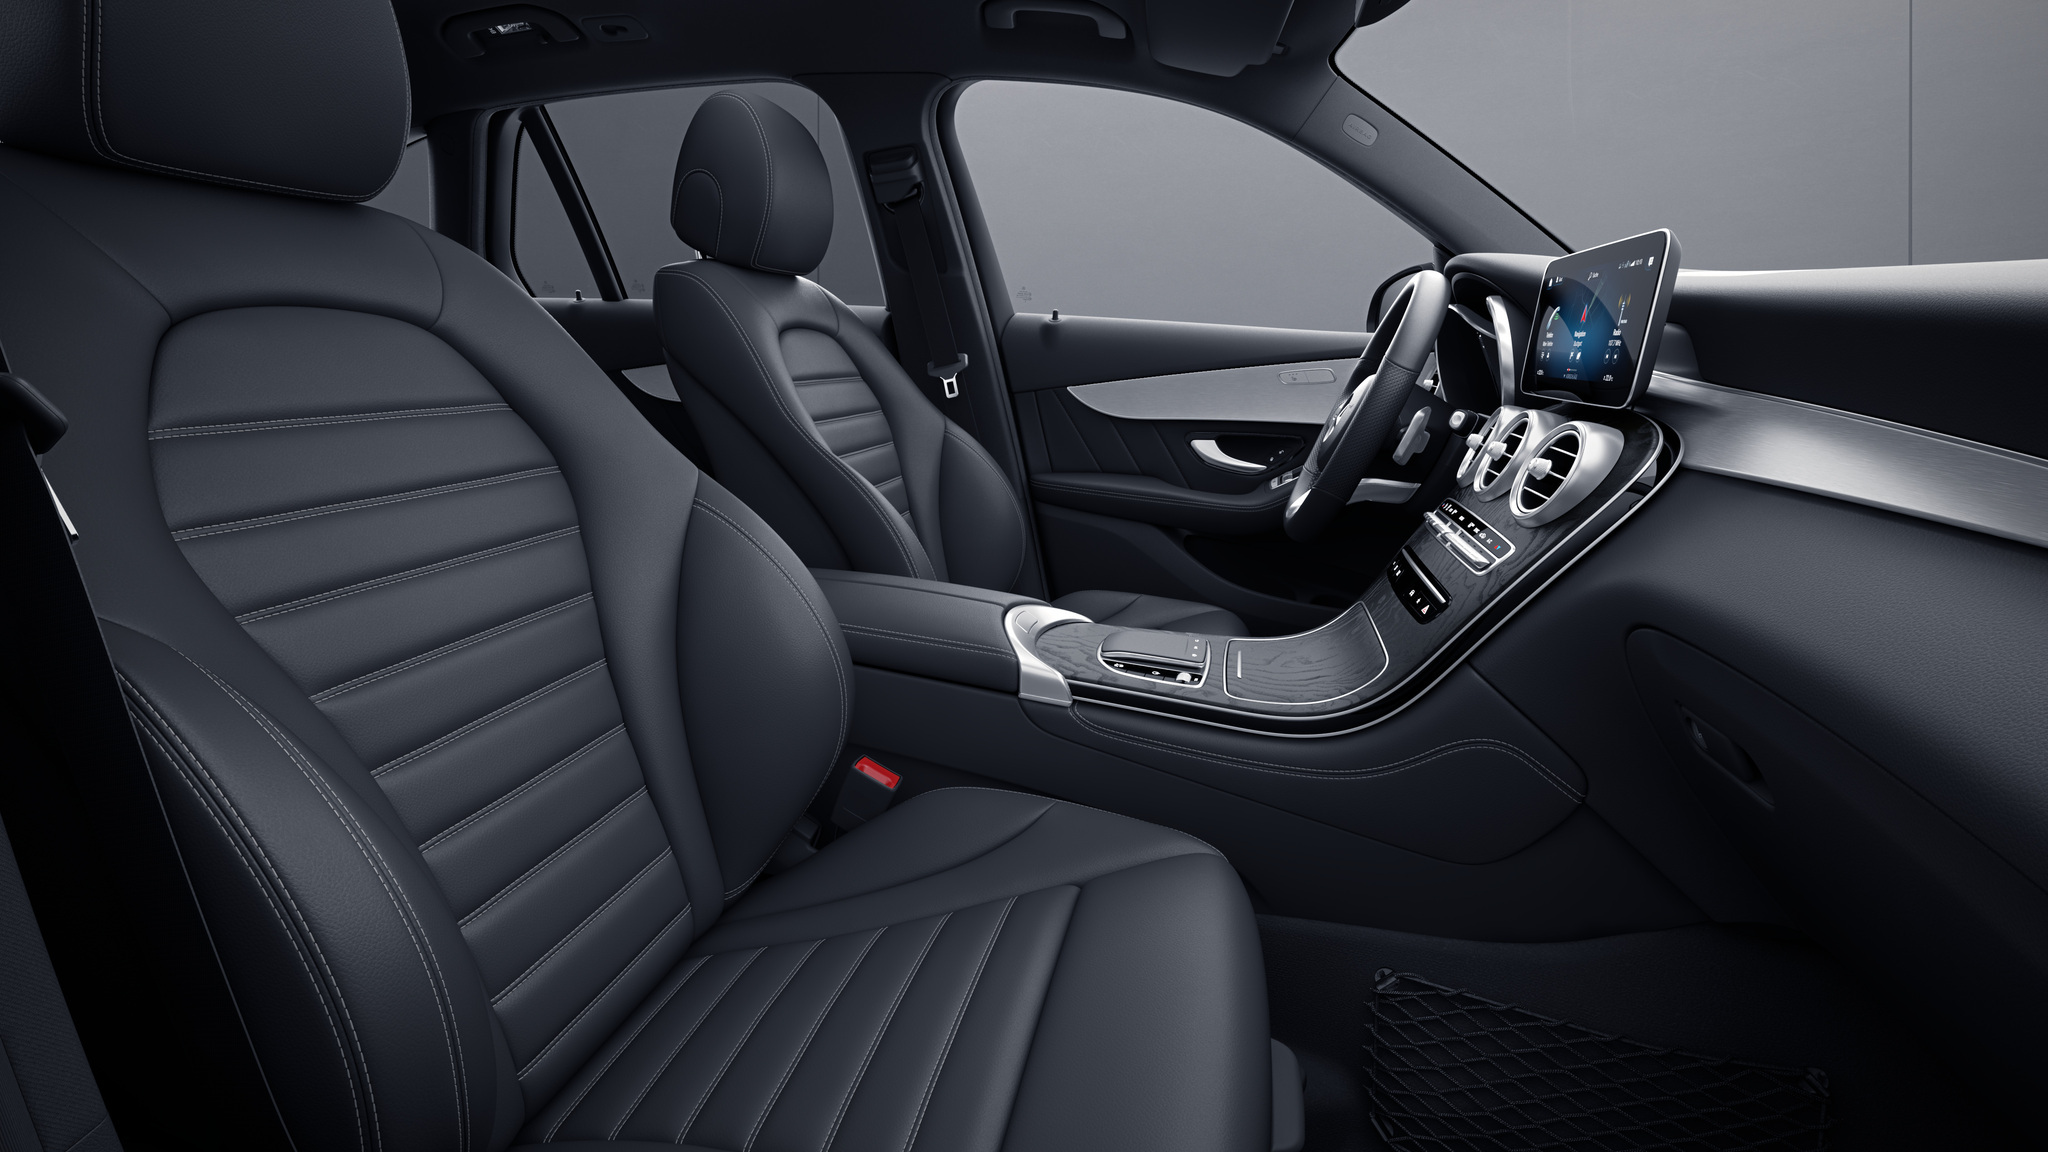 Habitacle de la Mercedes GLC Coupé avec une Sellerie cuir noir